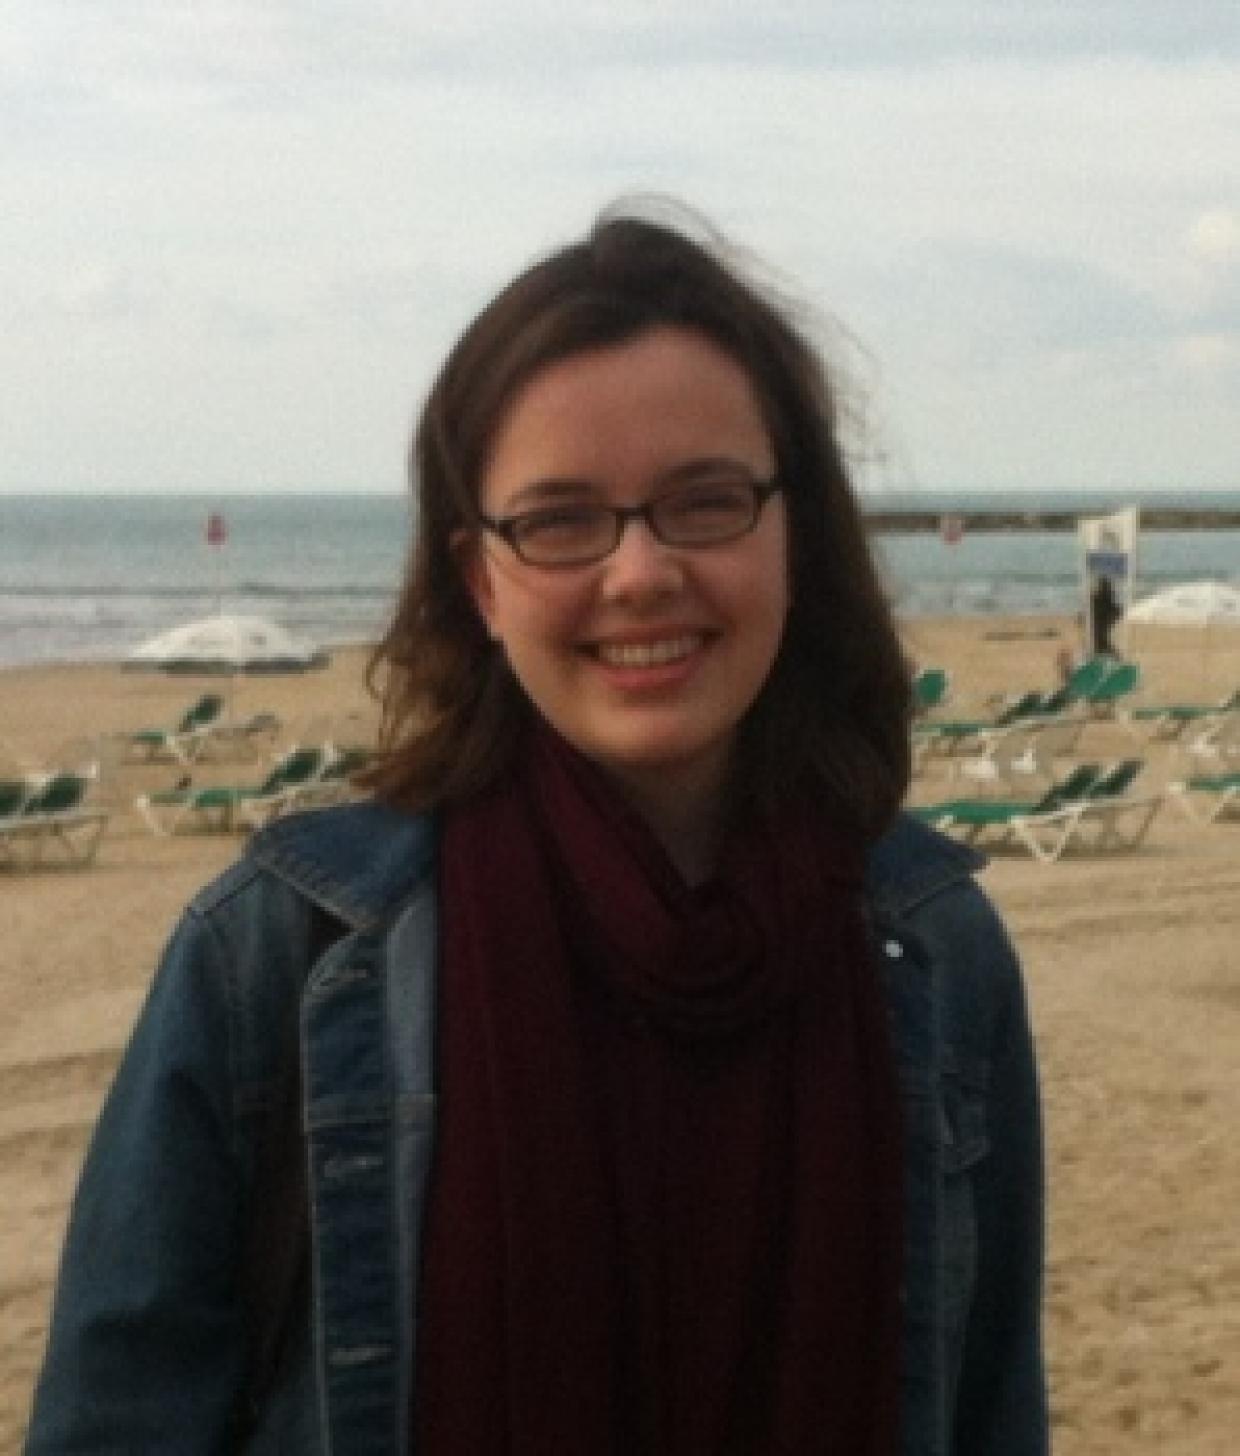 Hannah Kesselmeyer in Israel - Foto: privat